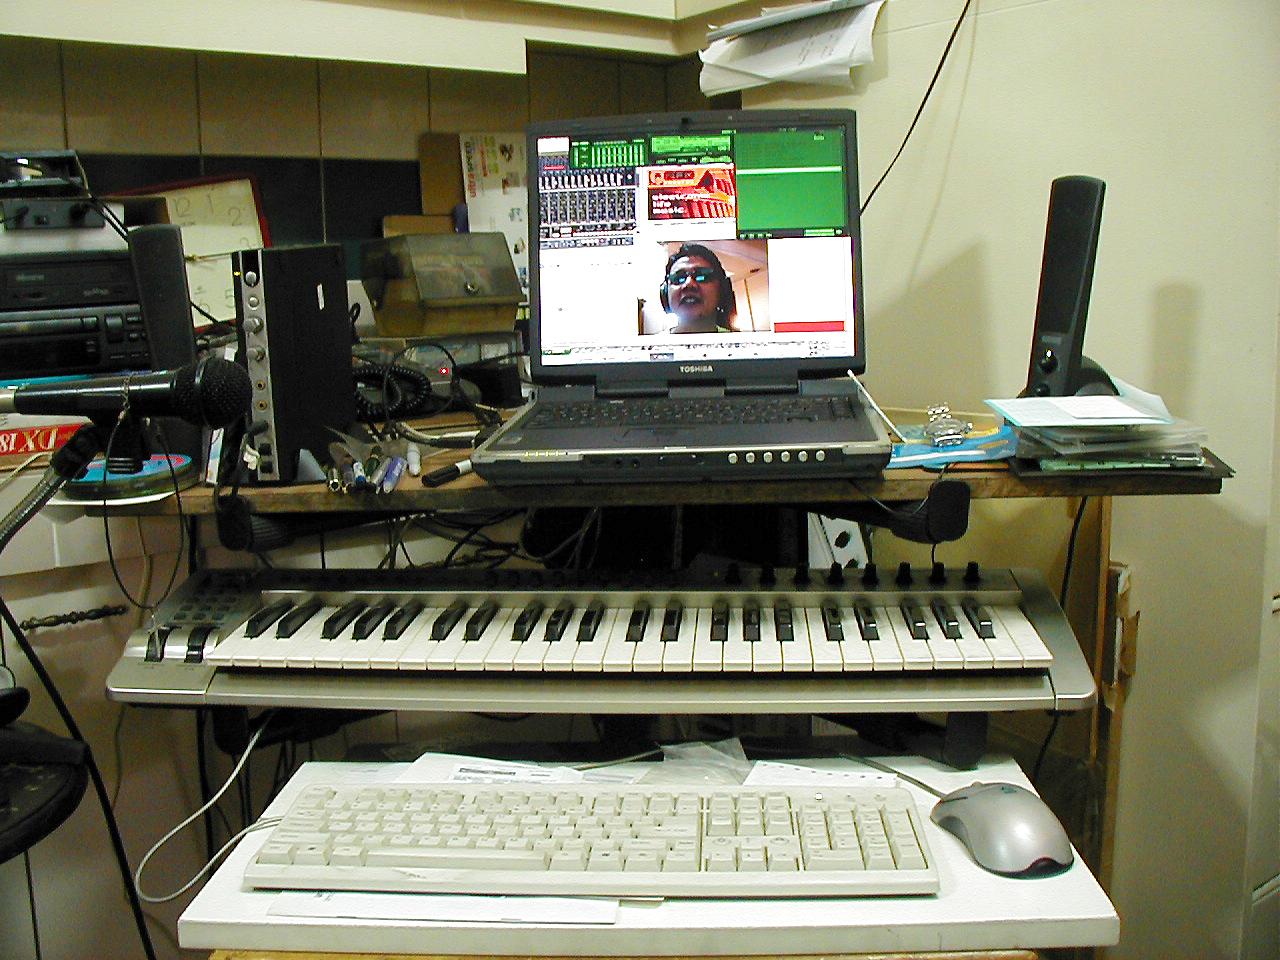 My A42 musical workspace circa 2004